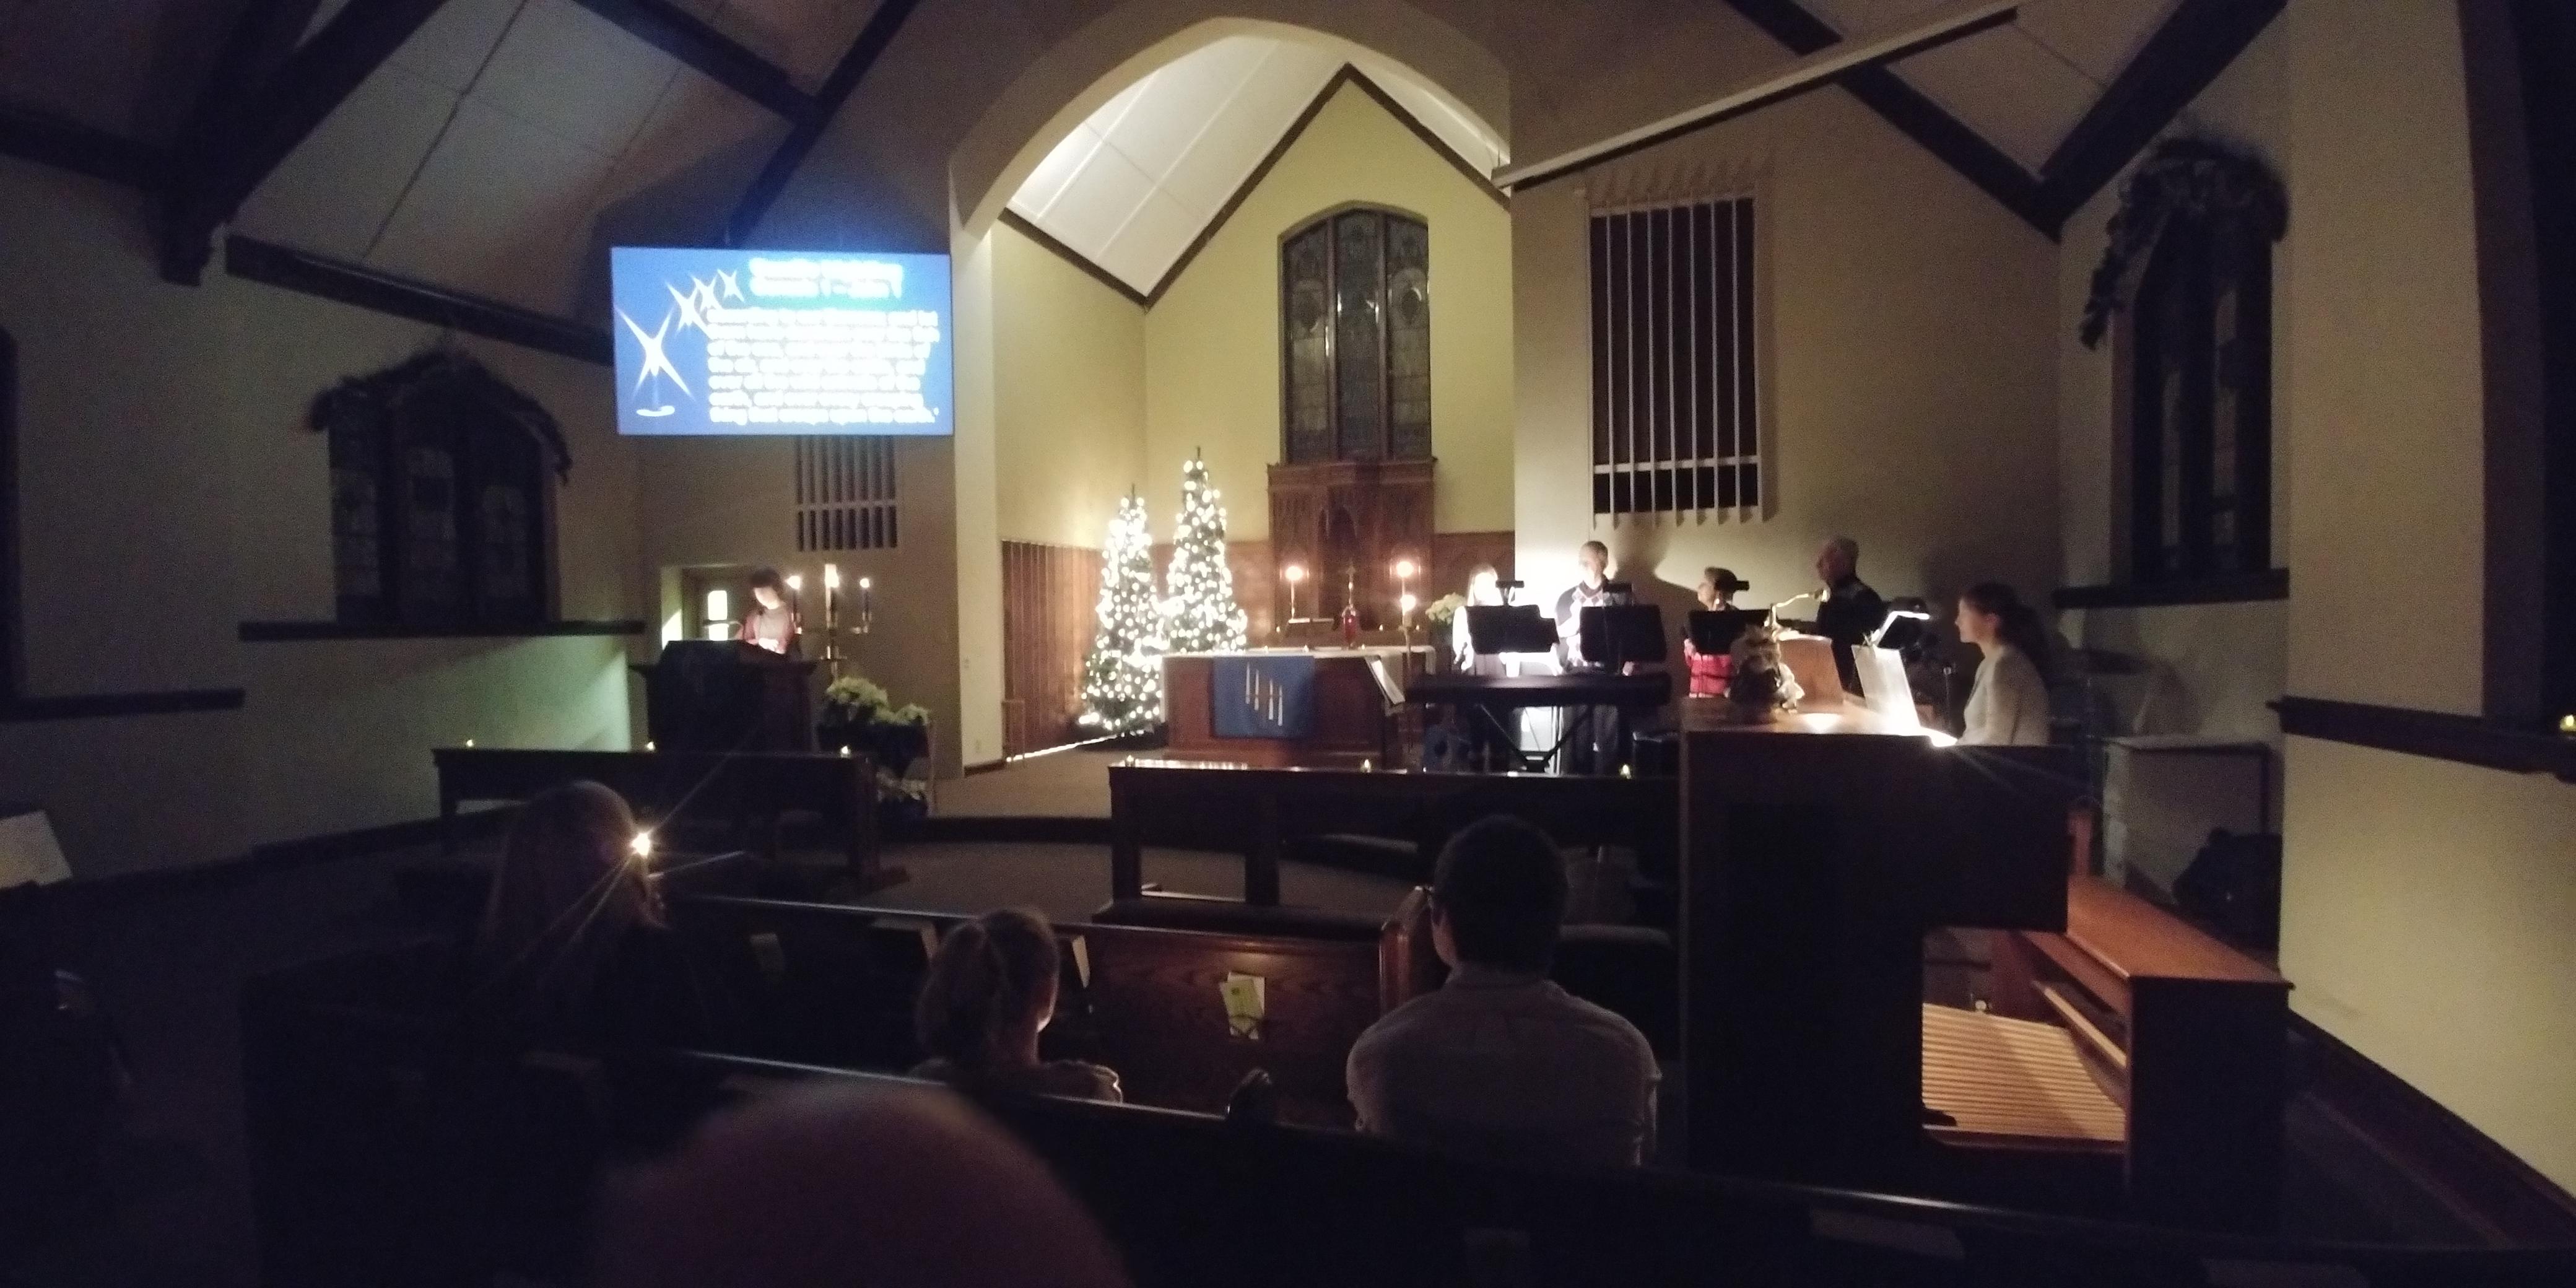 Christmas Candlelight worship